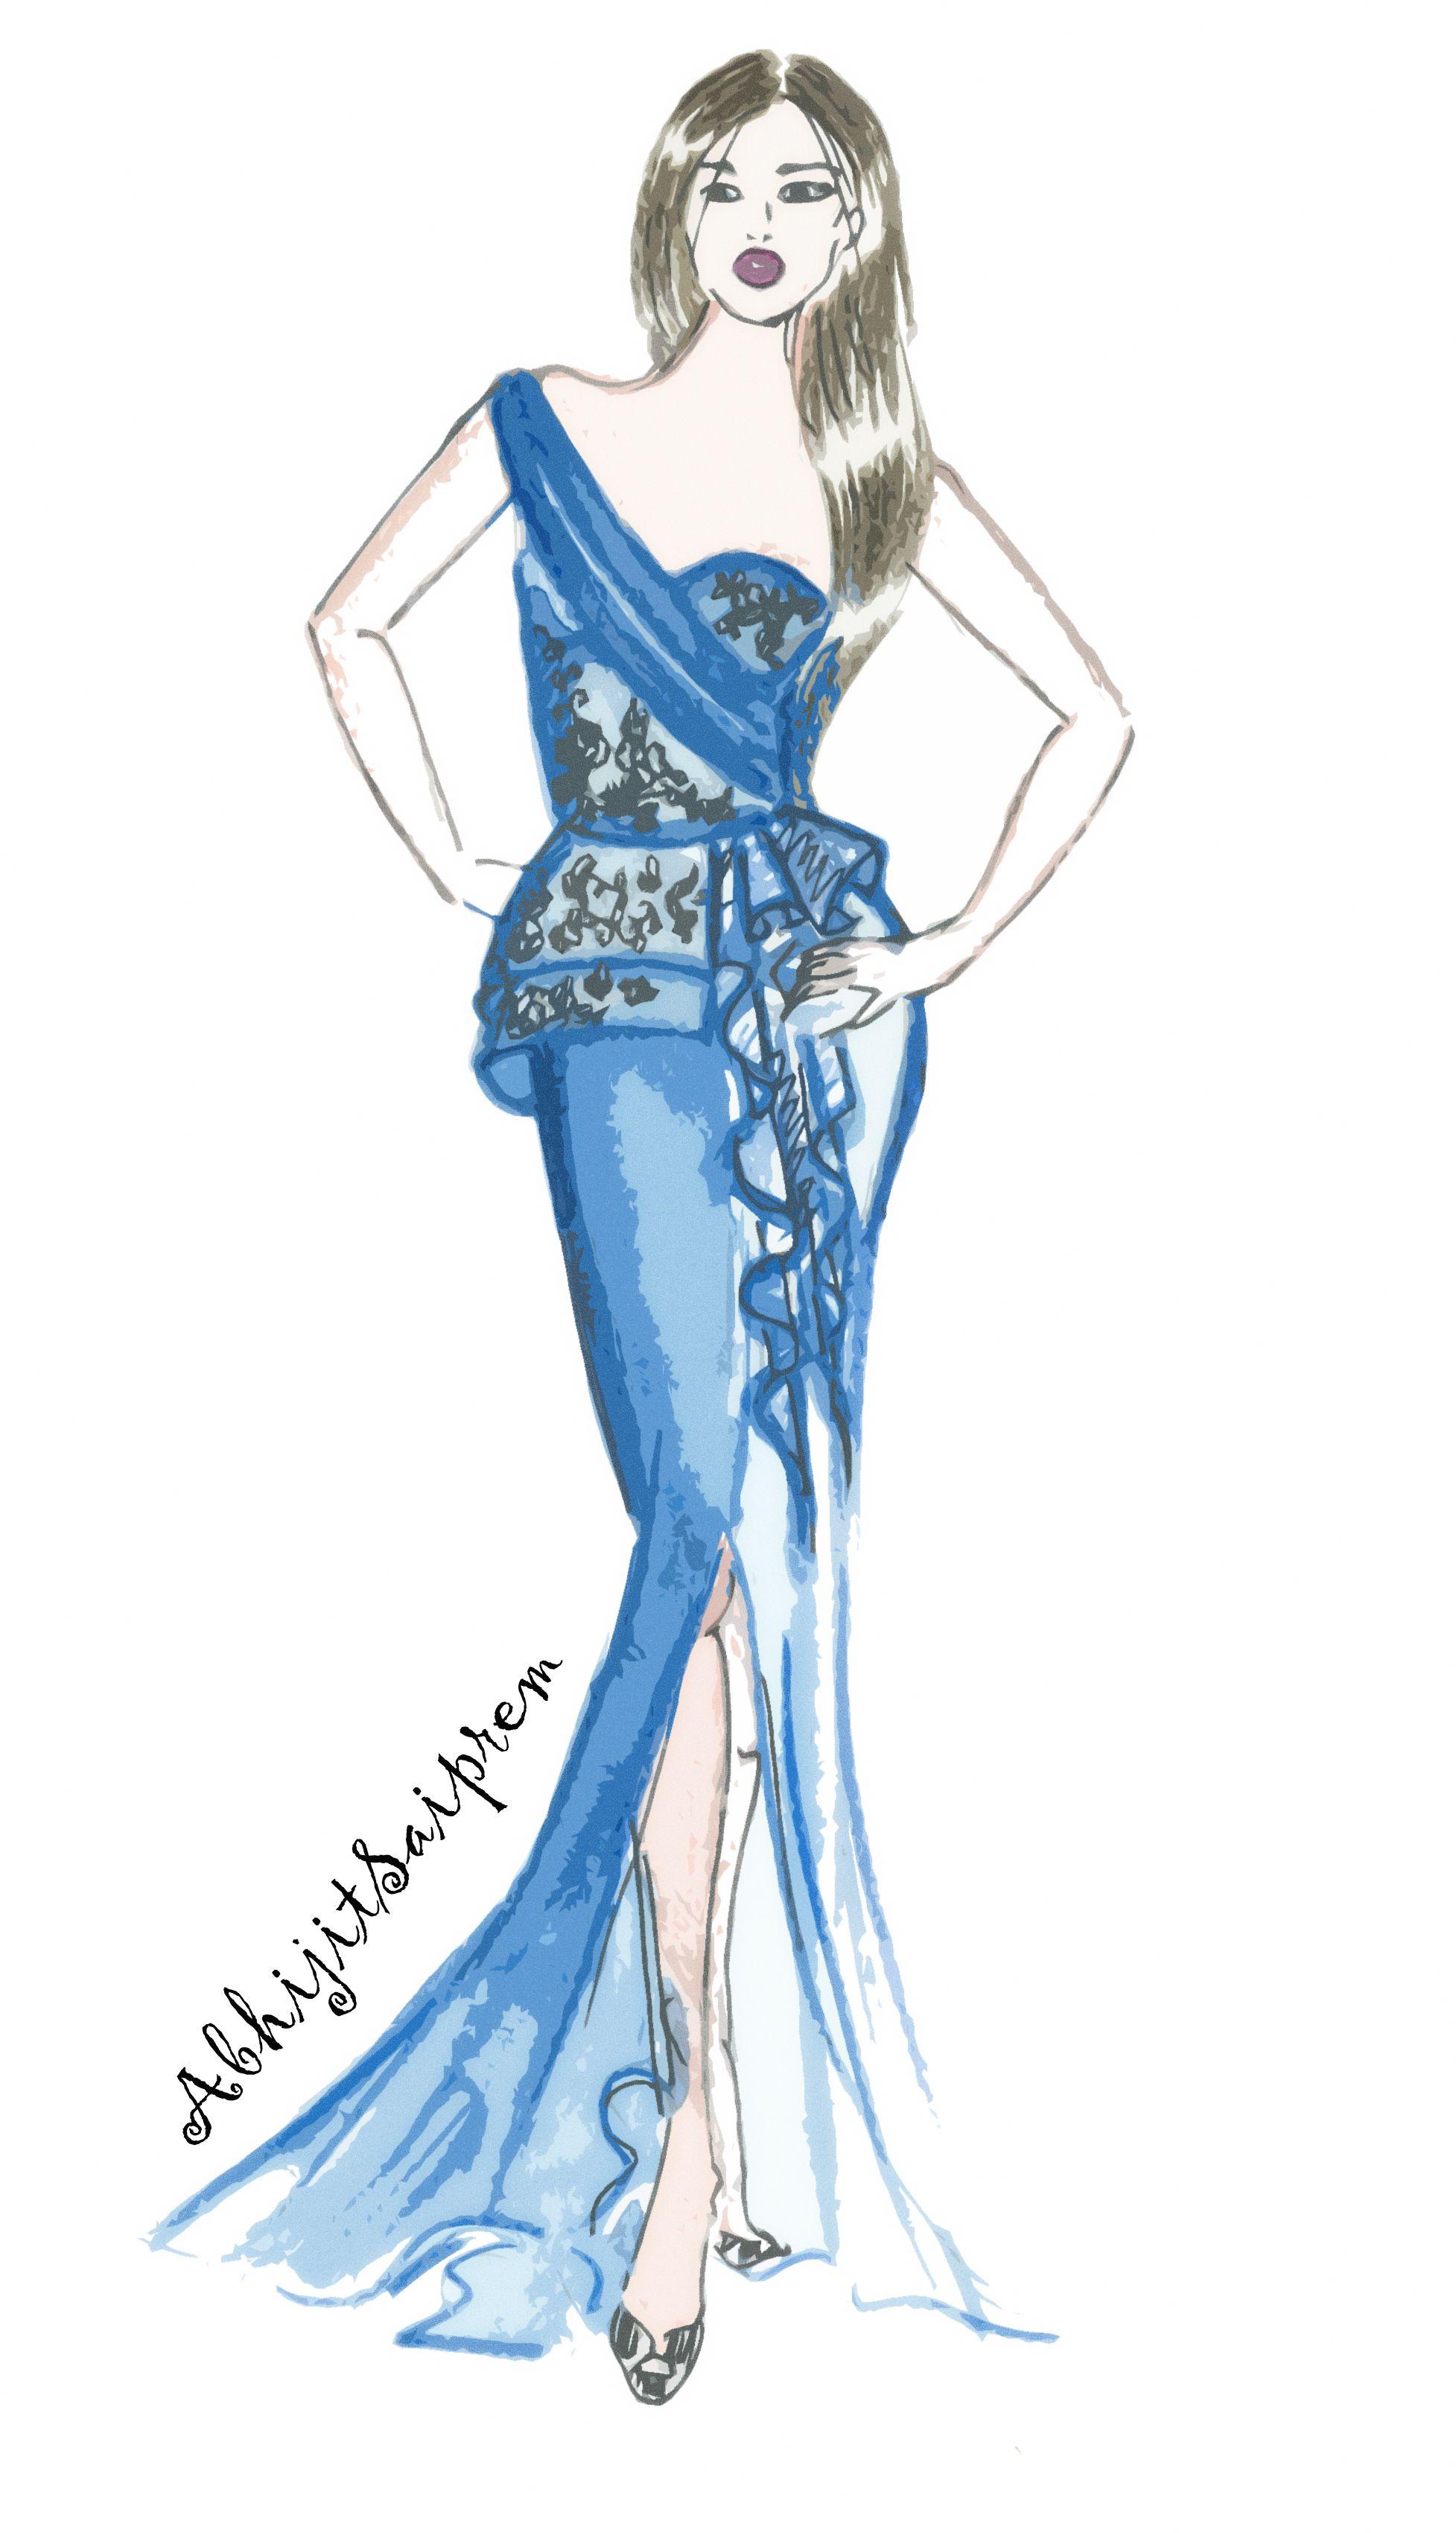 Fashiondesigner Mumbai Embroidery Mumbaiwholesale Garmentwholesale Garmentretailer Garments Textiles App Mumbai Fashion Fashion Design Fashion Company